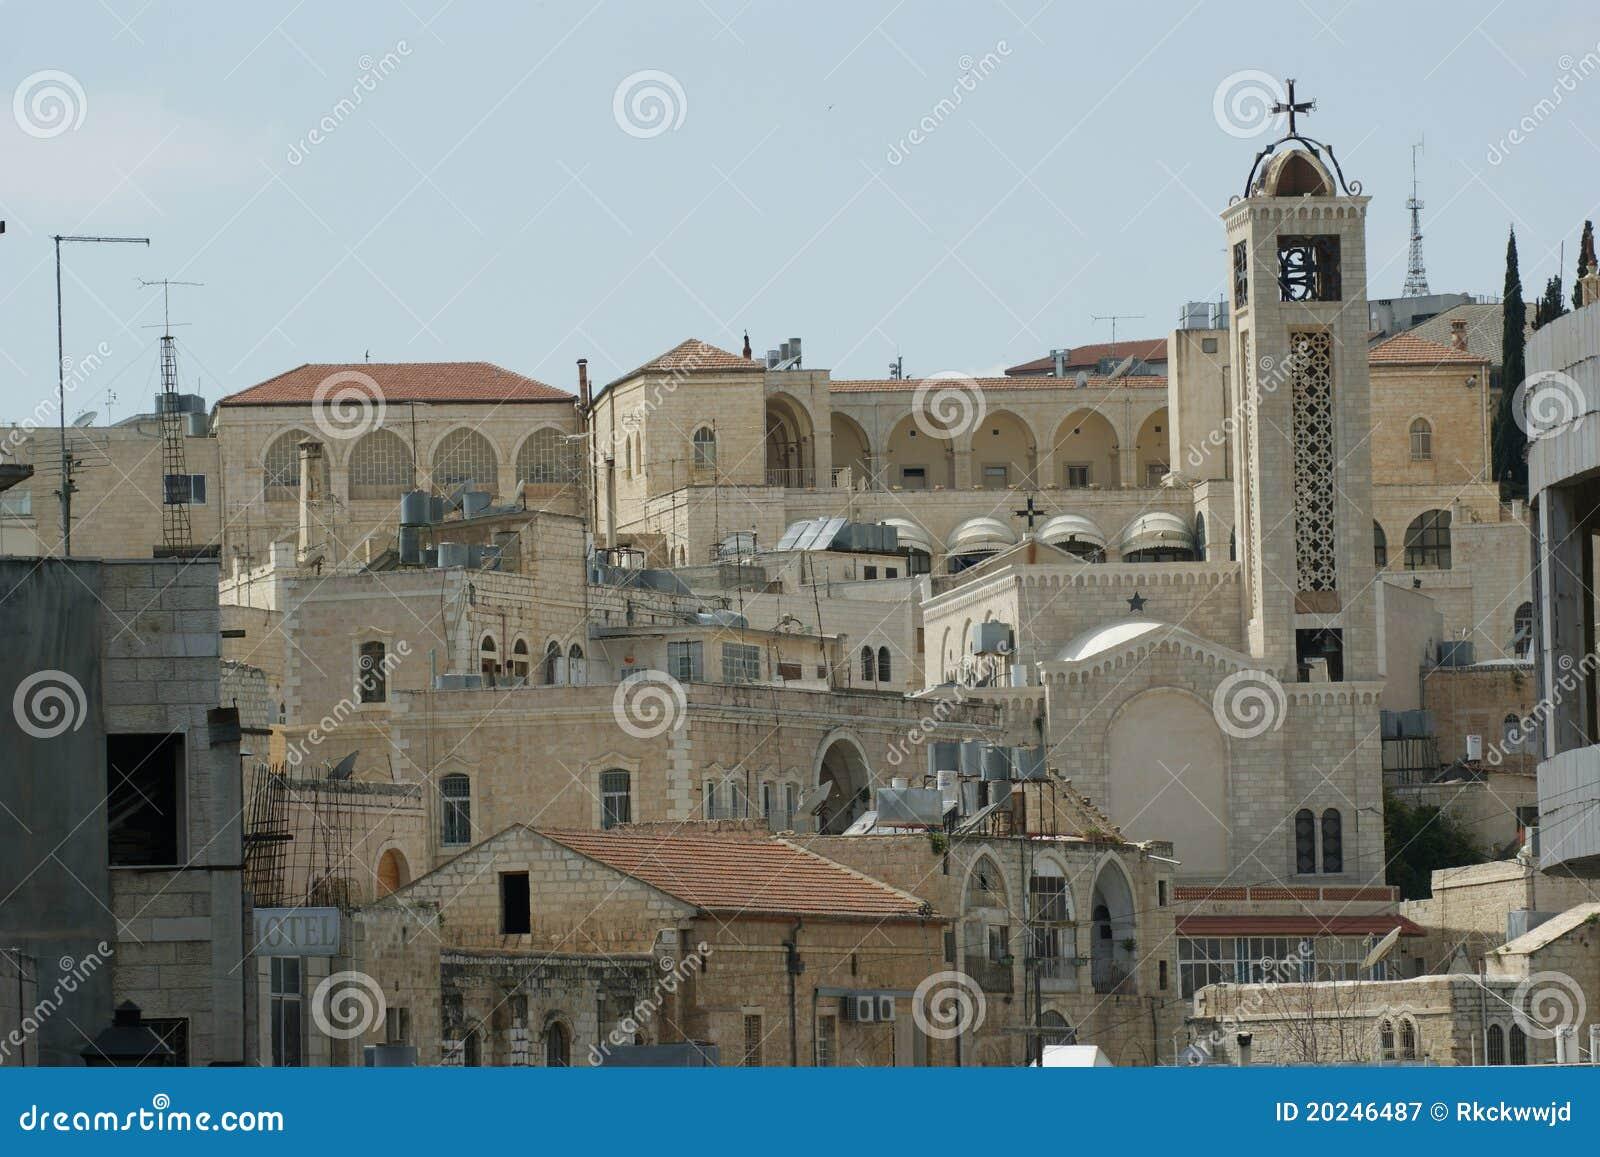 Bethlehem Palestinian  city photos : Bethlehem, Palestine, Israel Royalty Free Stock Photography Image ...